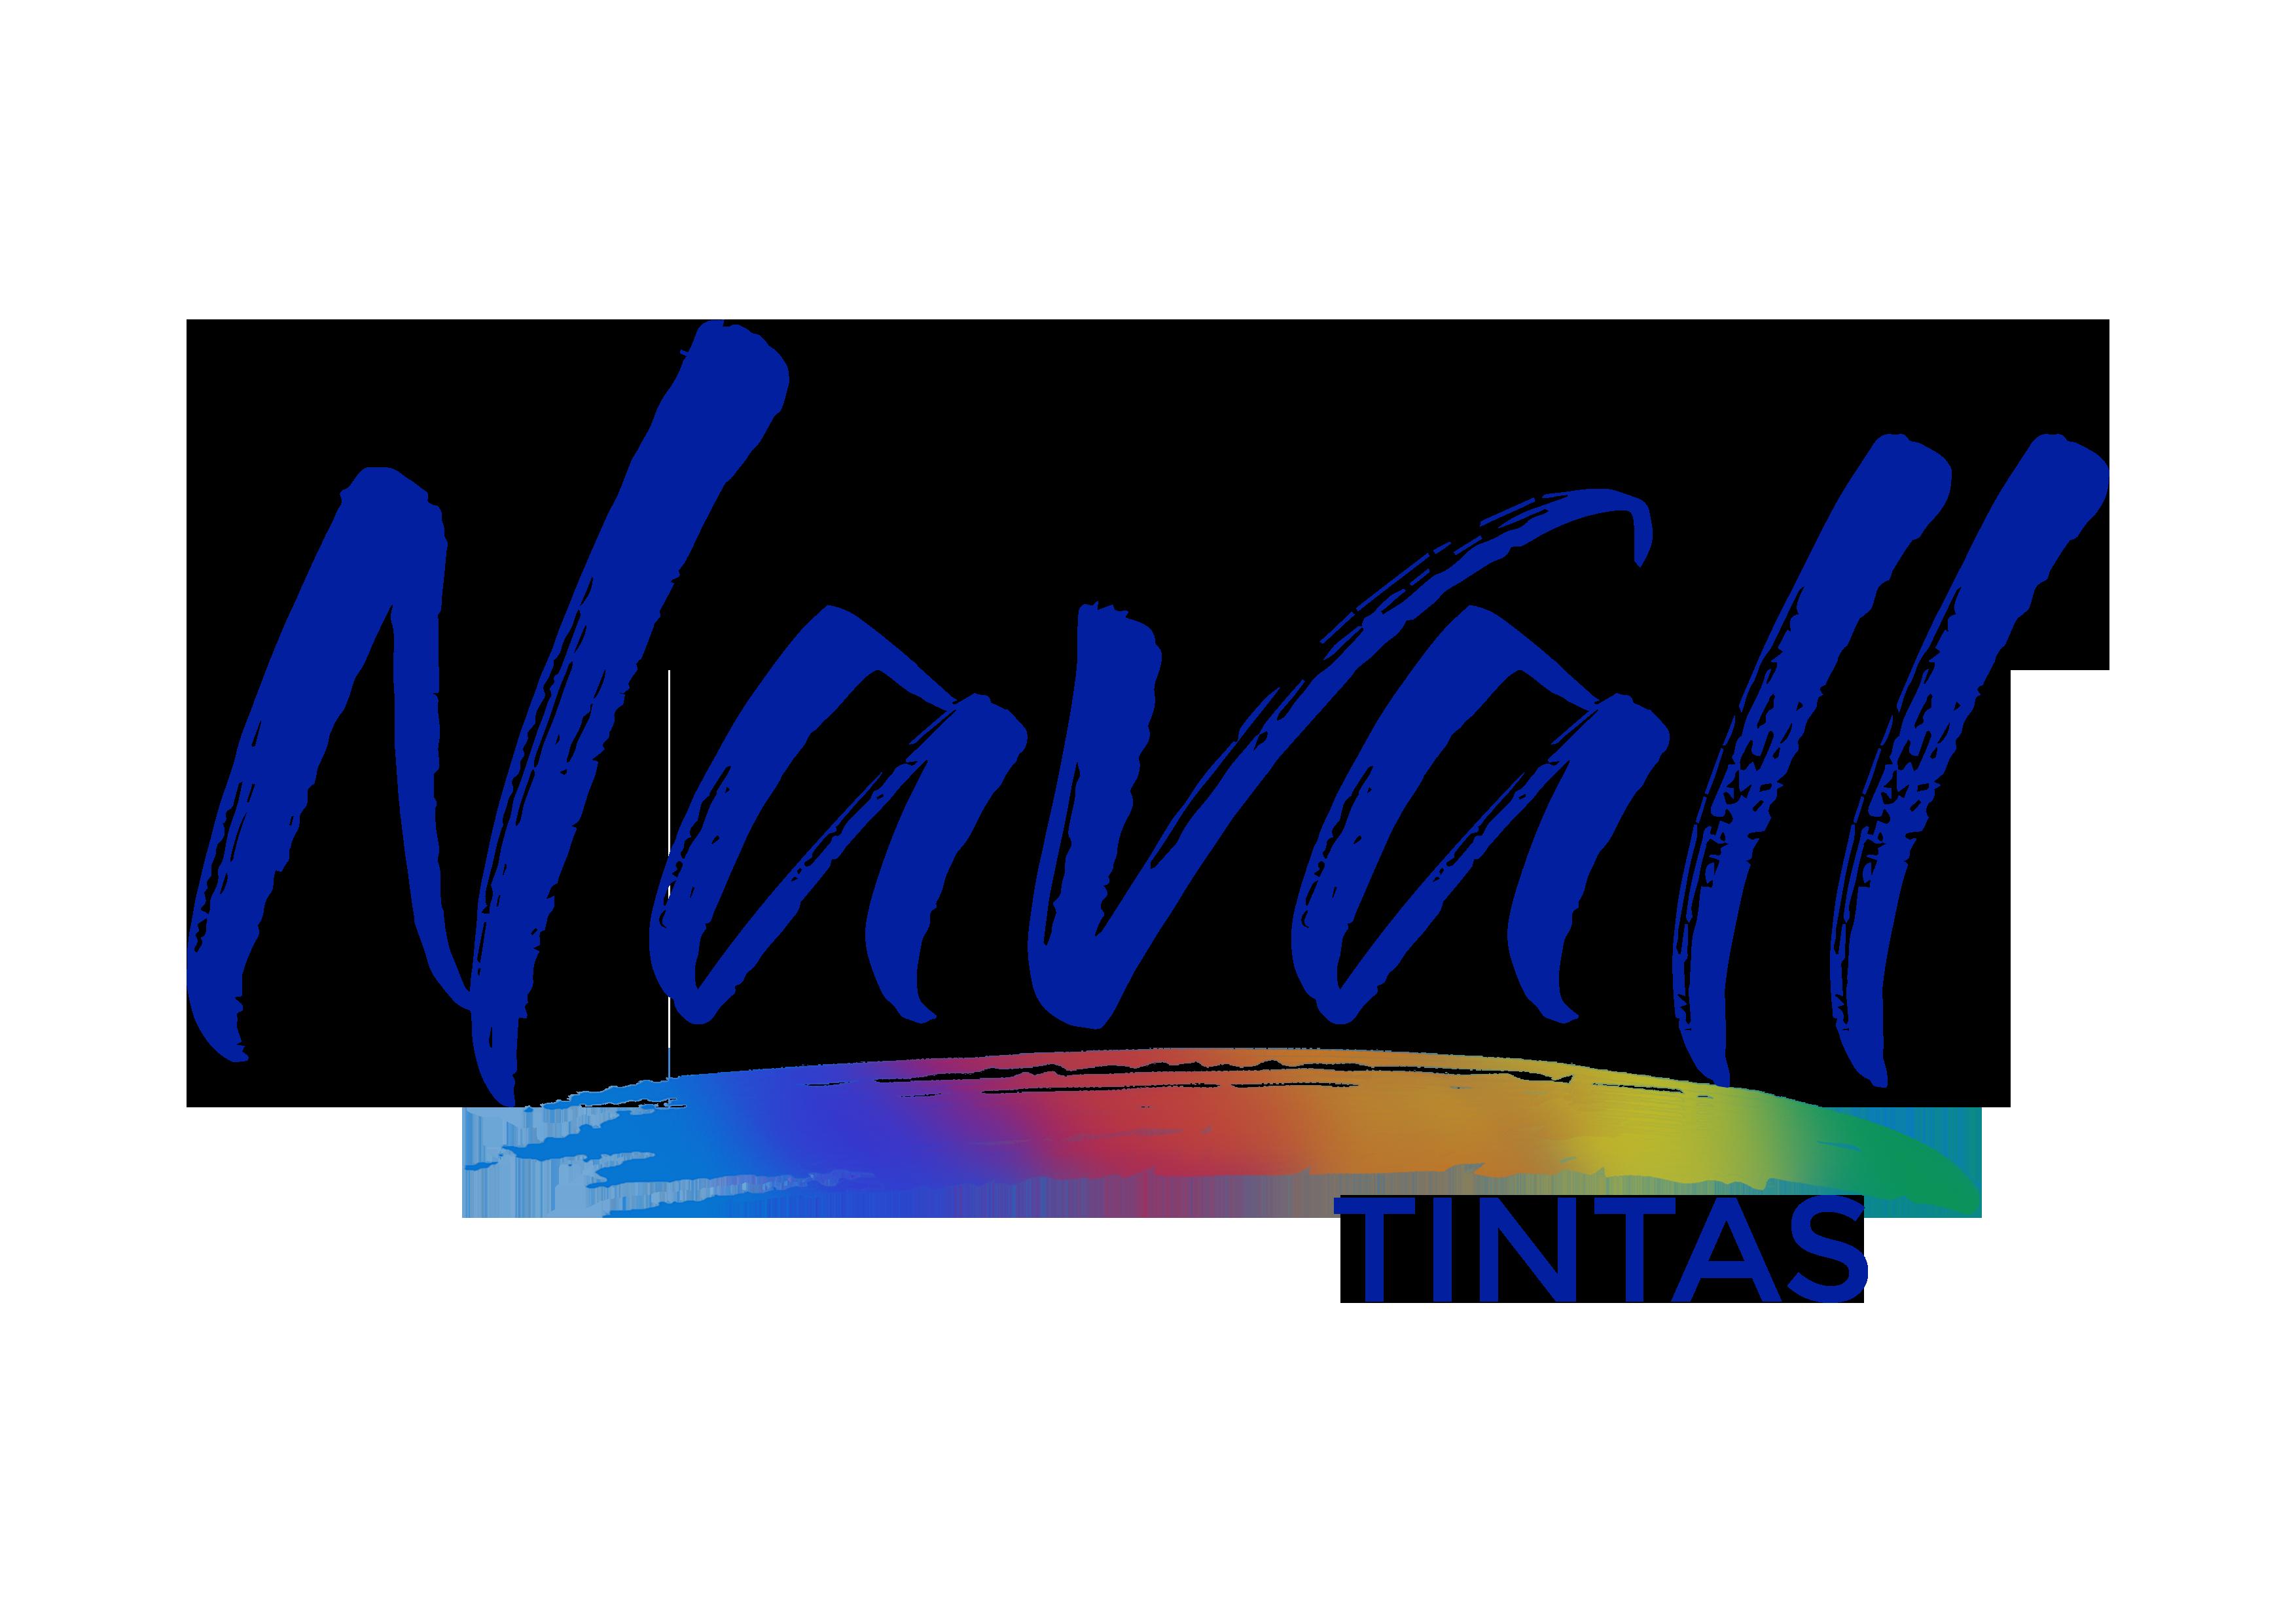 Navall Tintas